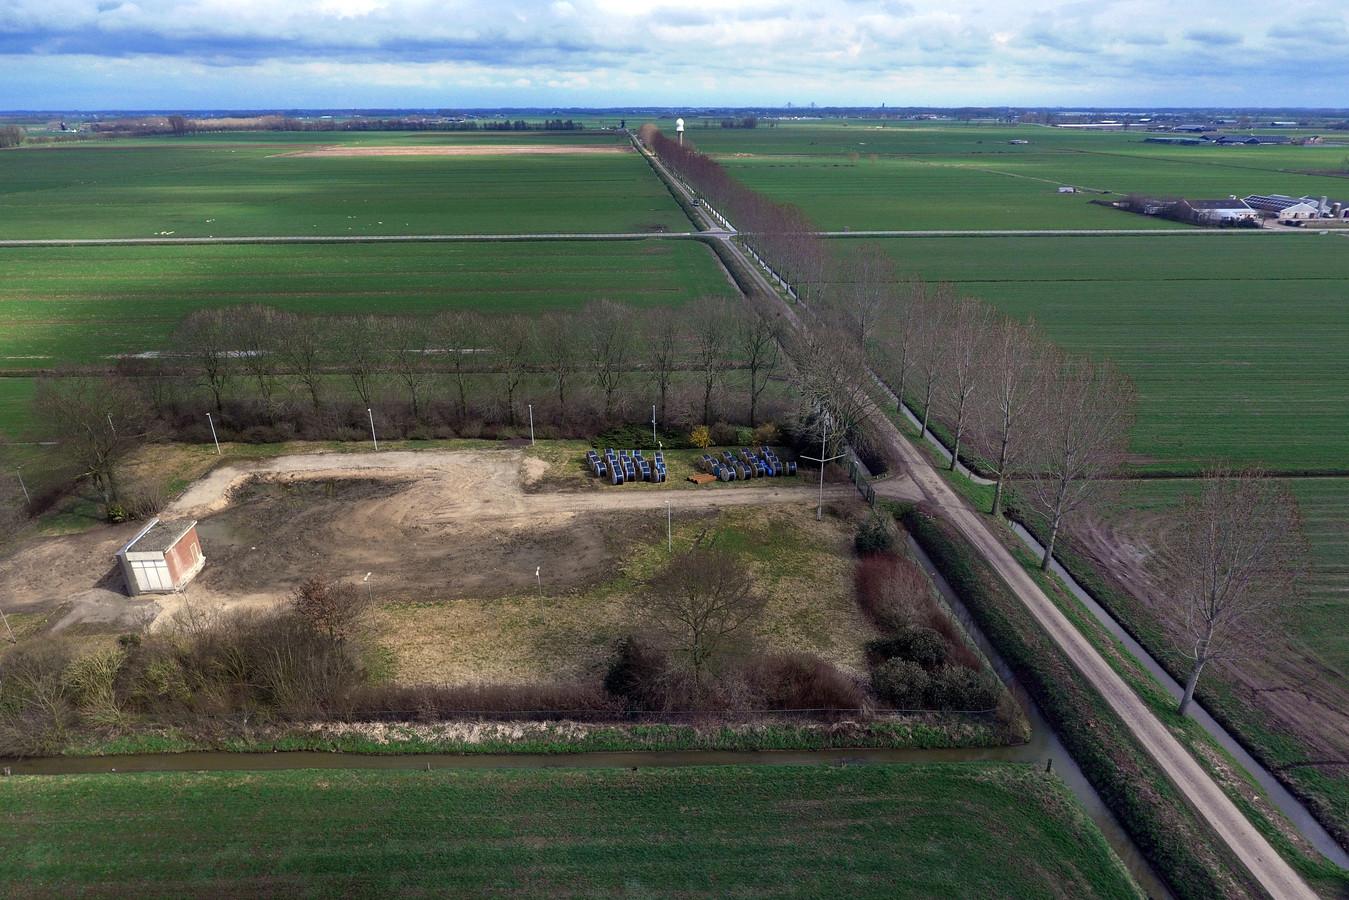 De plek waar de radartoren moet komen: de Broekgraaf in Herwijnen.